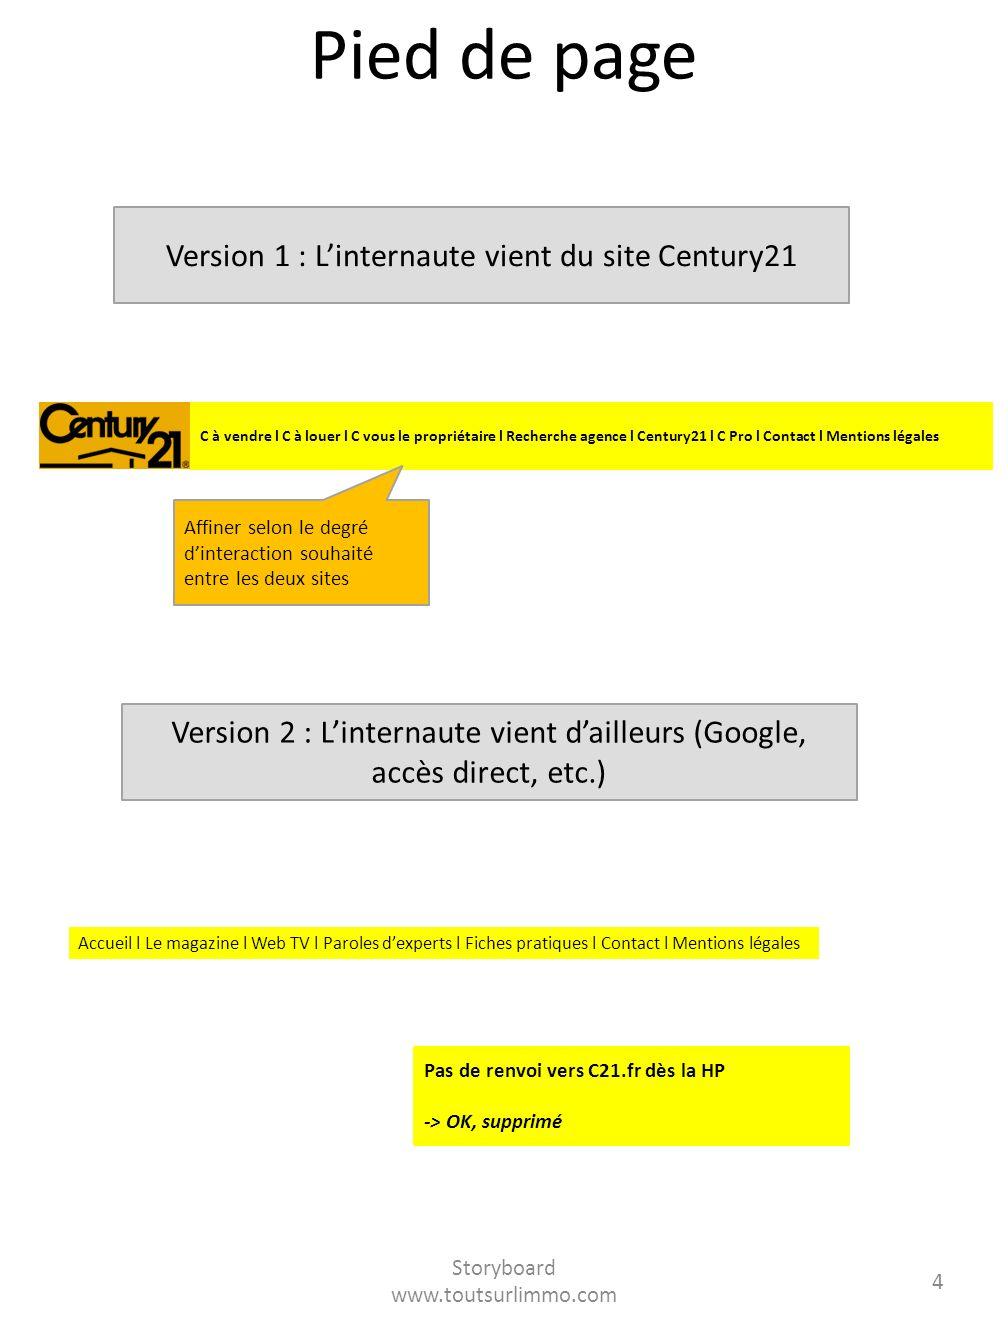 Storyboard www.toutsurlimmo.com 4 Pied de page Version 1 : Linternaute vient du site Century21 Version 2 : Linternaute vient dailleurs (Google, accès